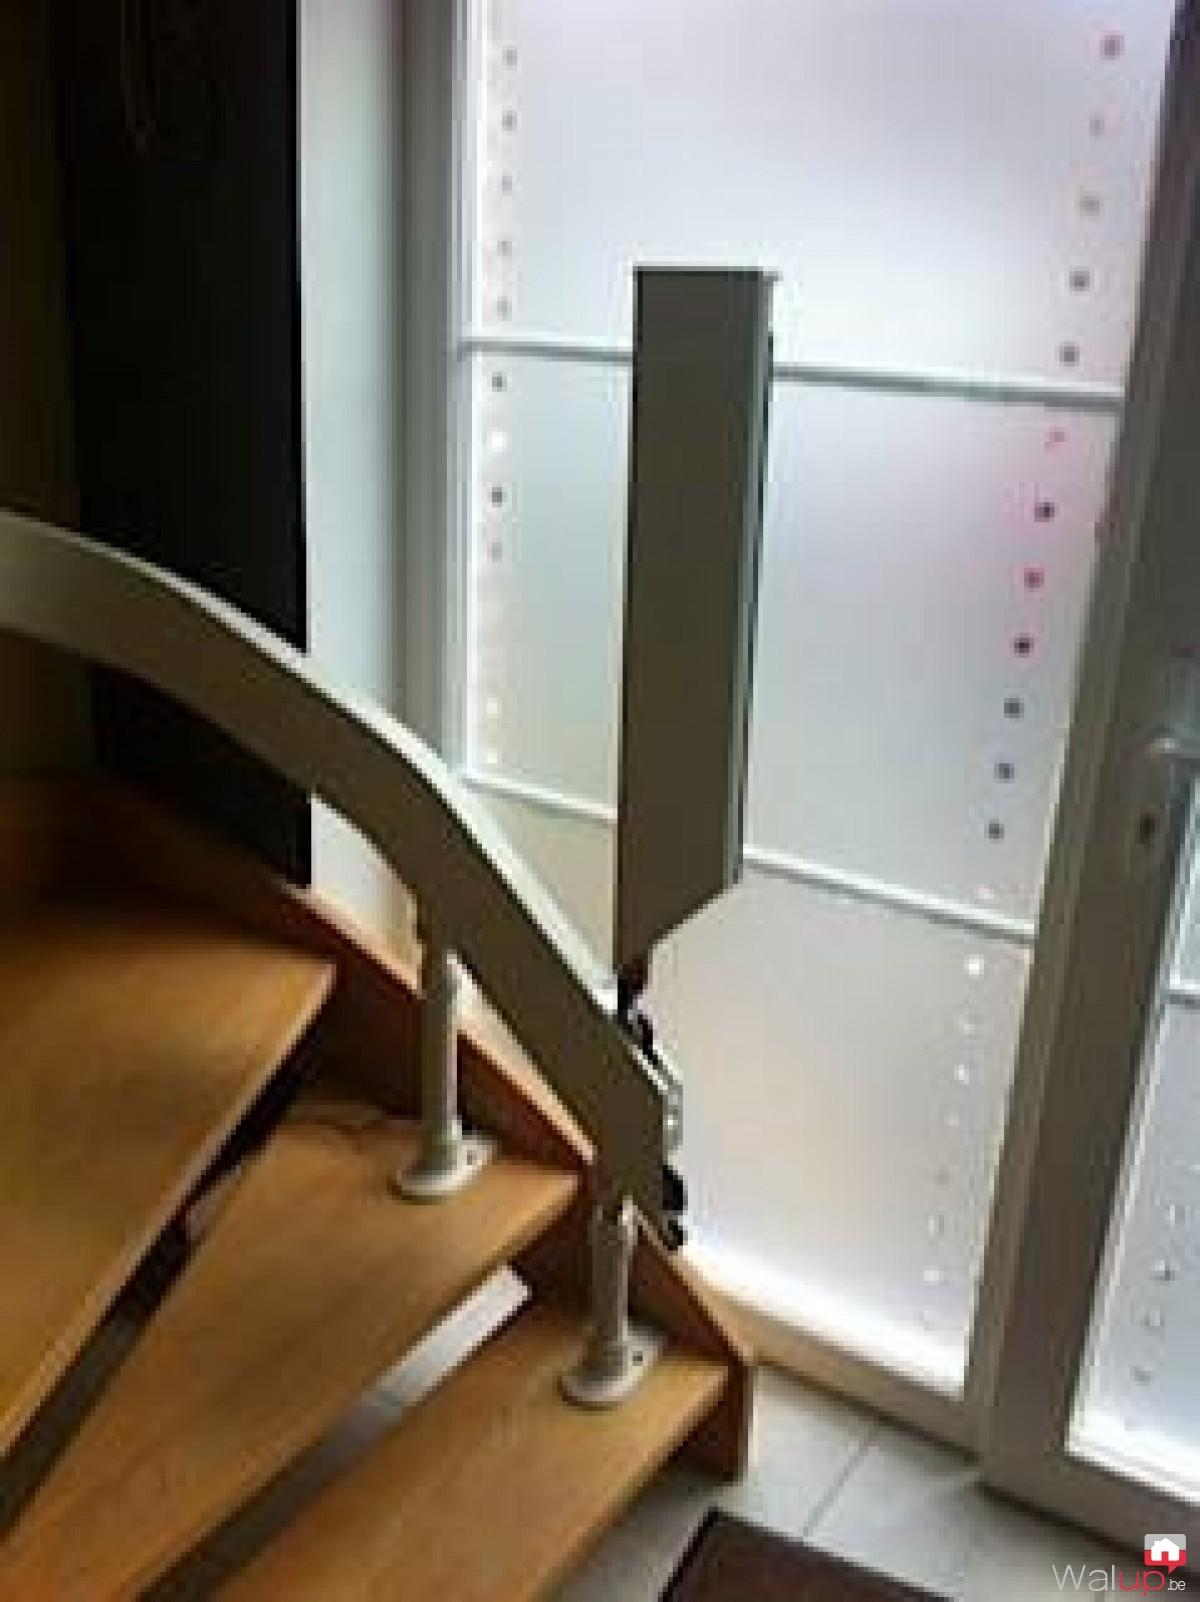 chaise d 39 escalier par stalift tournai. Black Bedroom Furniture Sets. Home Design Ideas